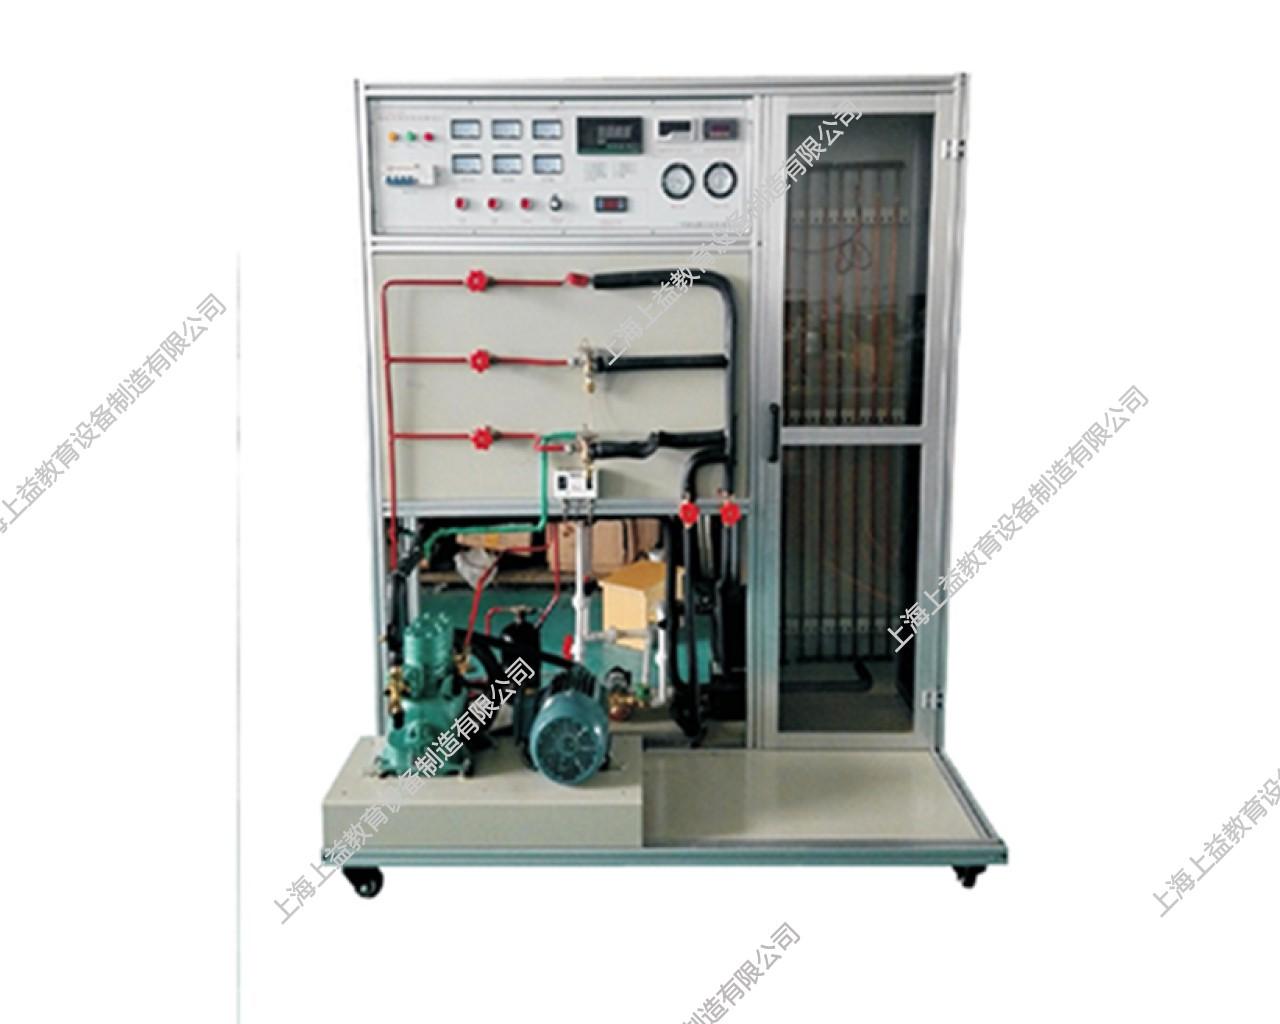 SY-JD100制冷机制冷测试培训装置